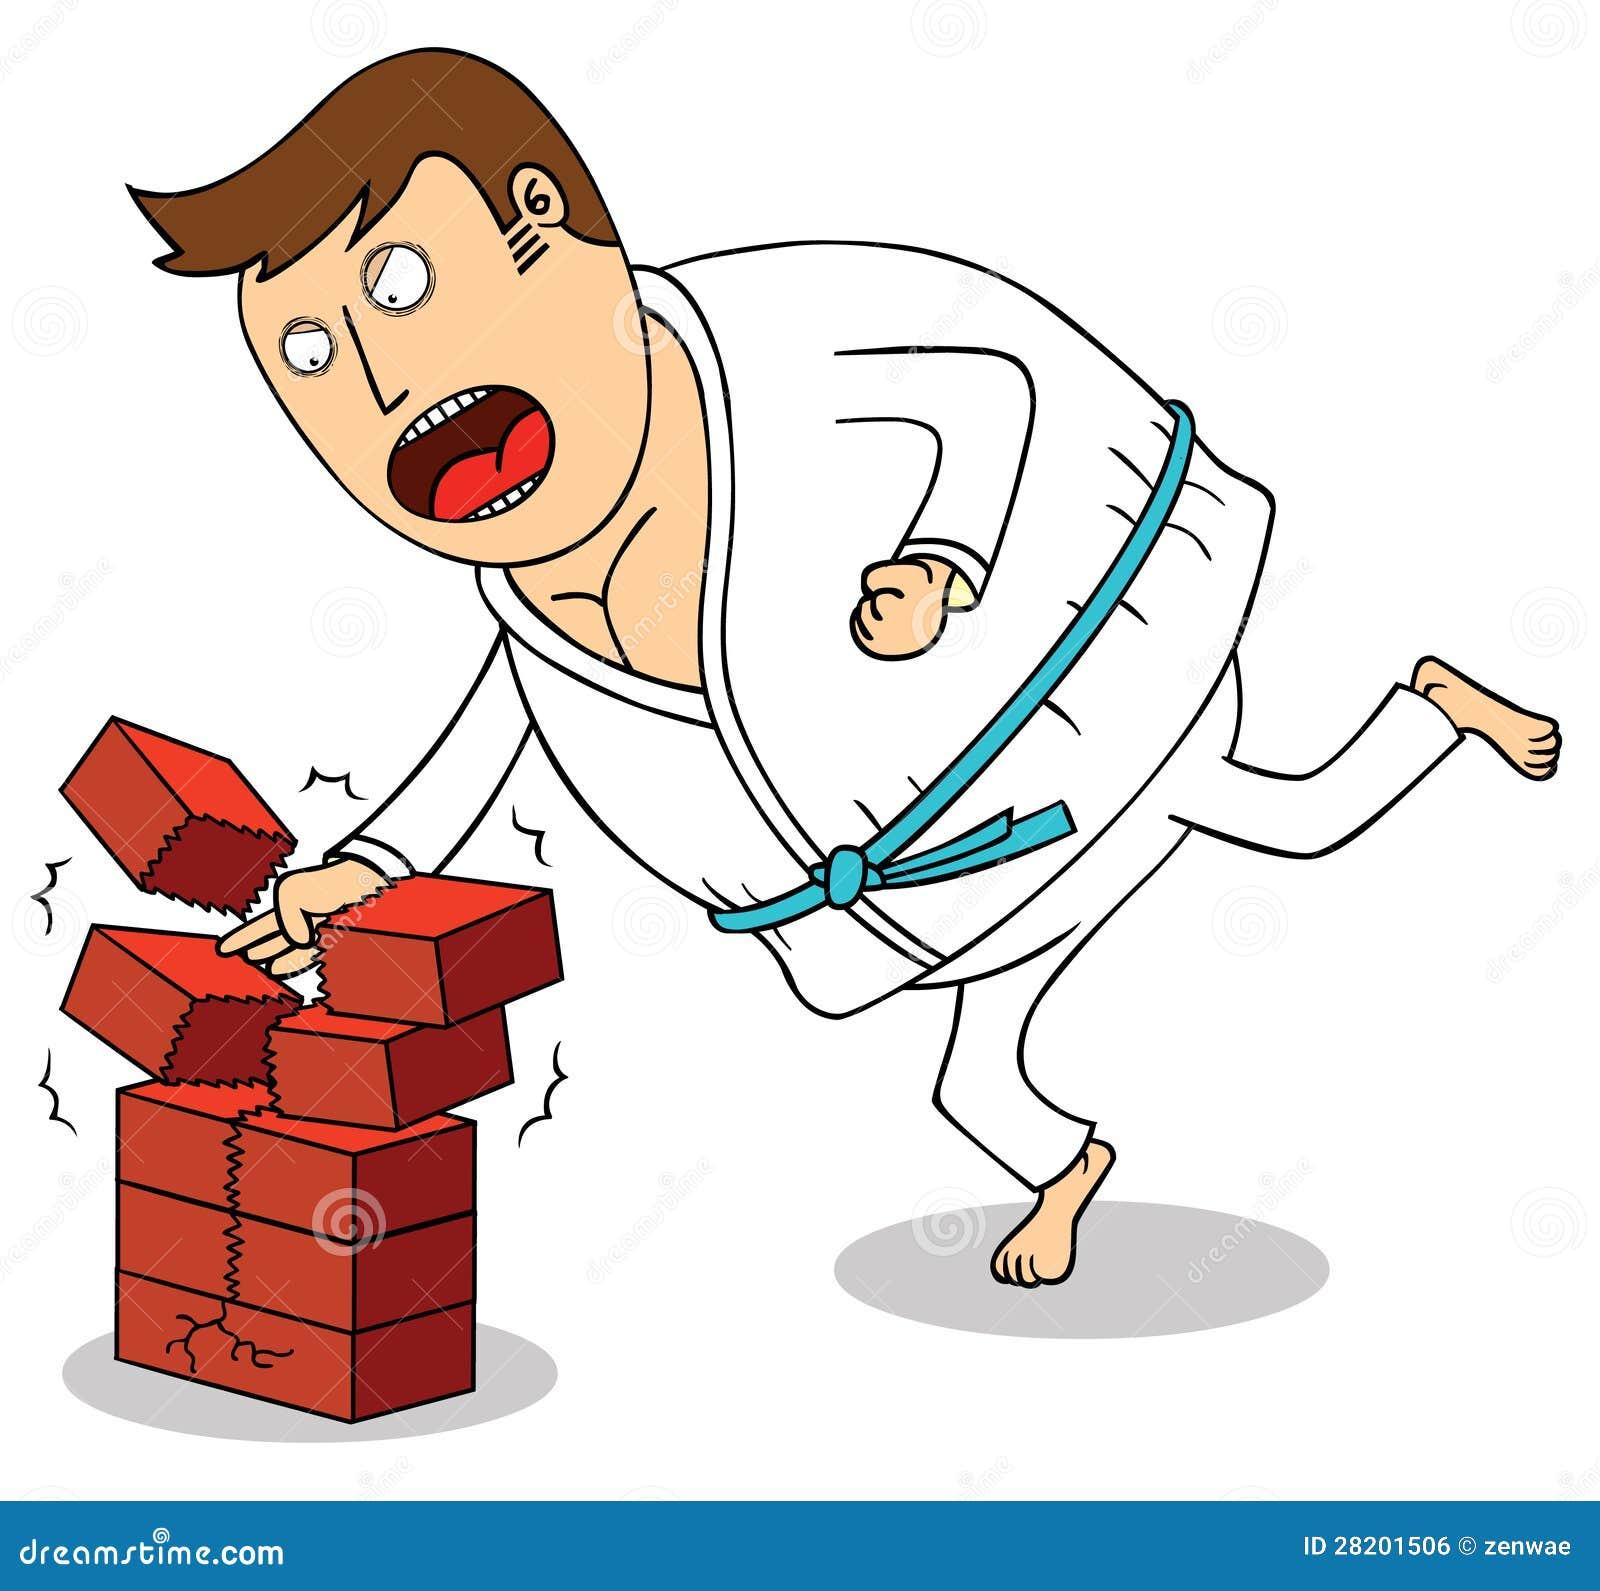 Karate - Breaking Bricks Royalty Free Stock Image - Image: 28201506